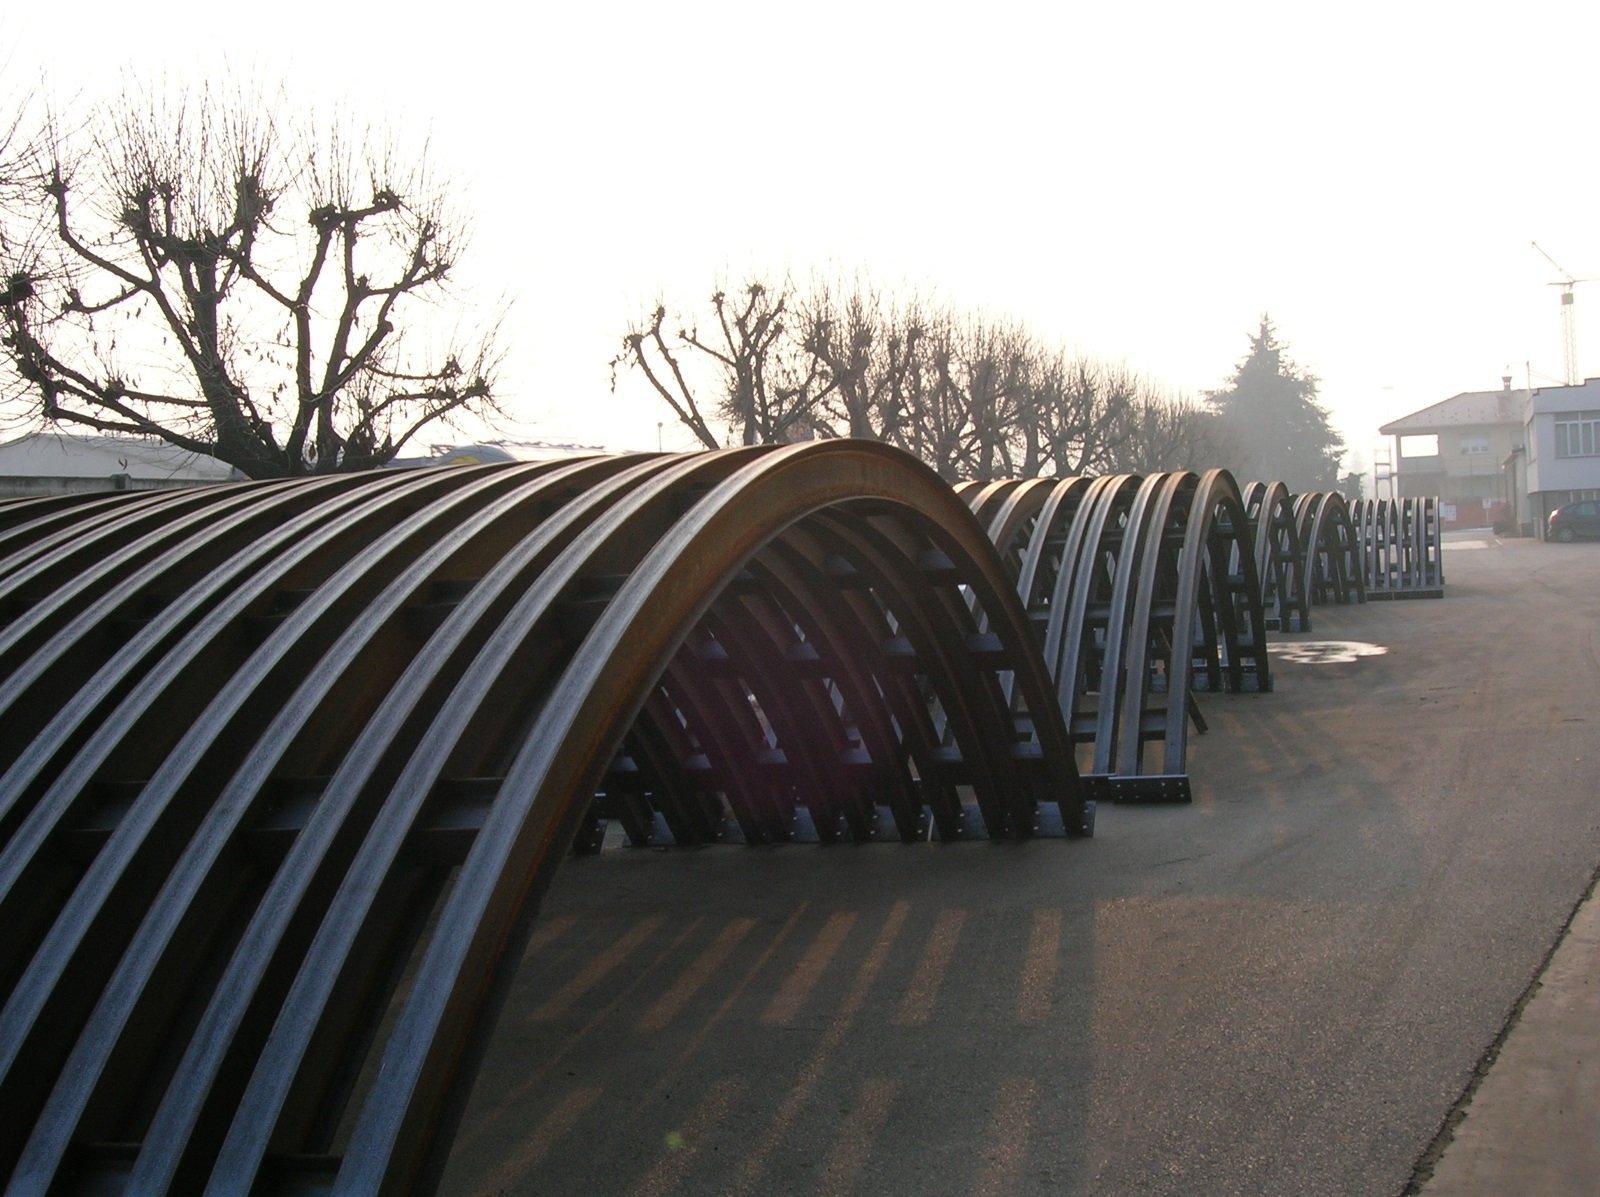 delle strutture in ferro a forma curva